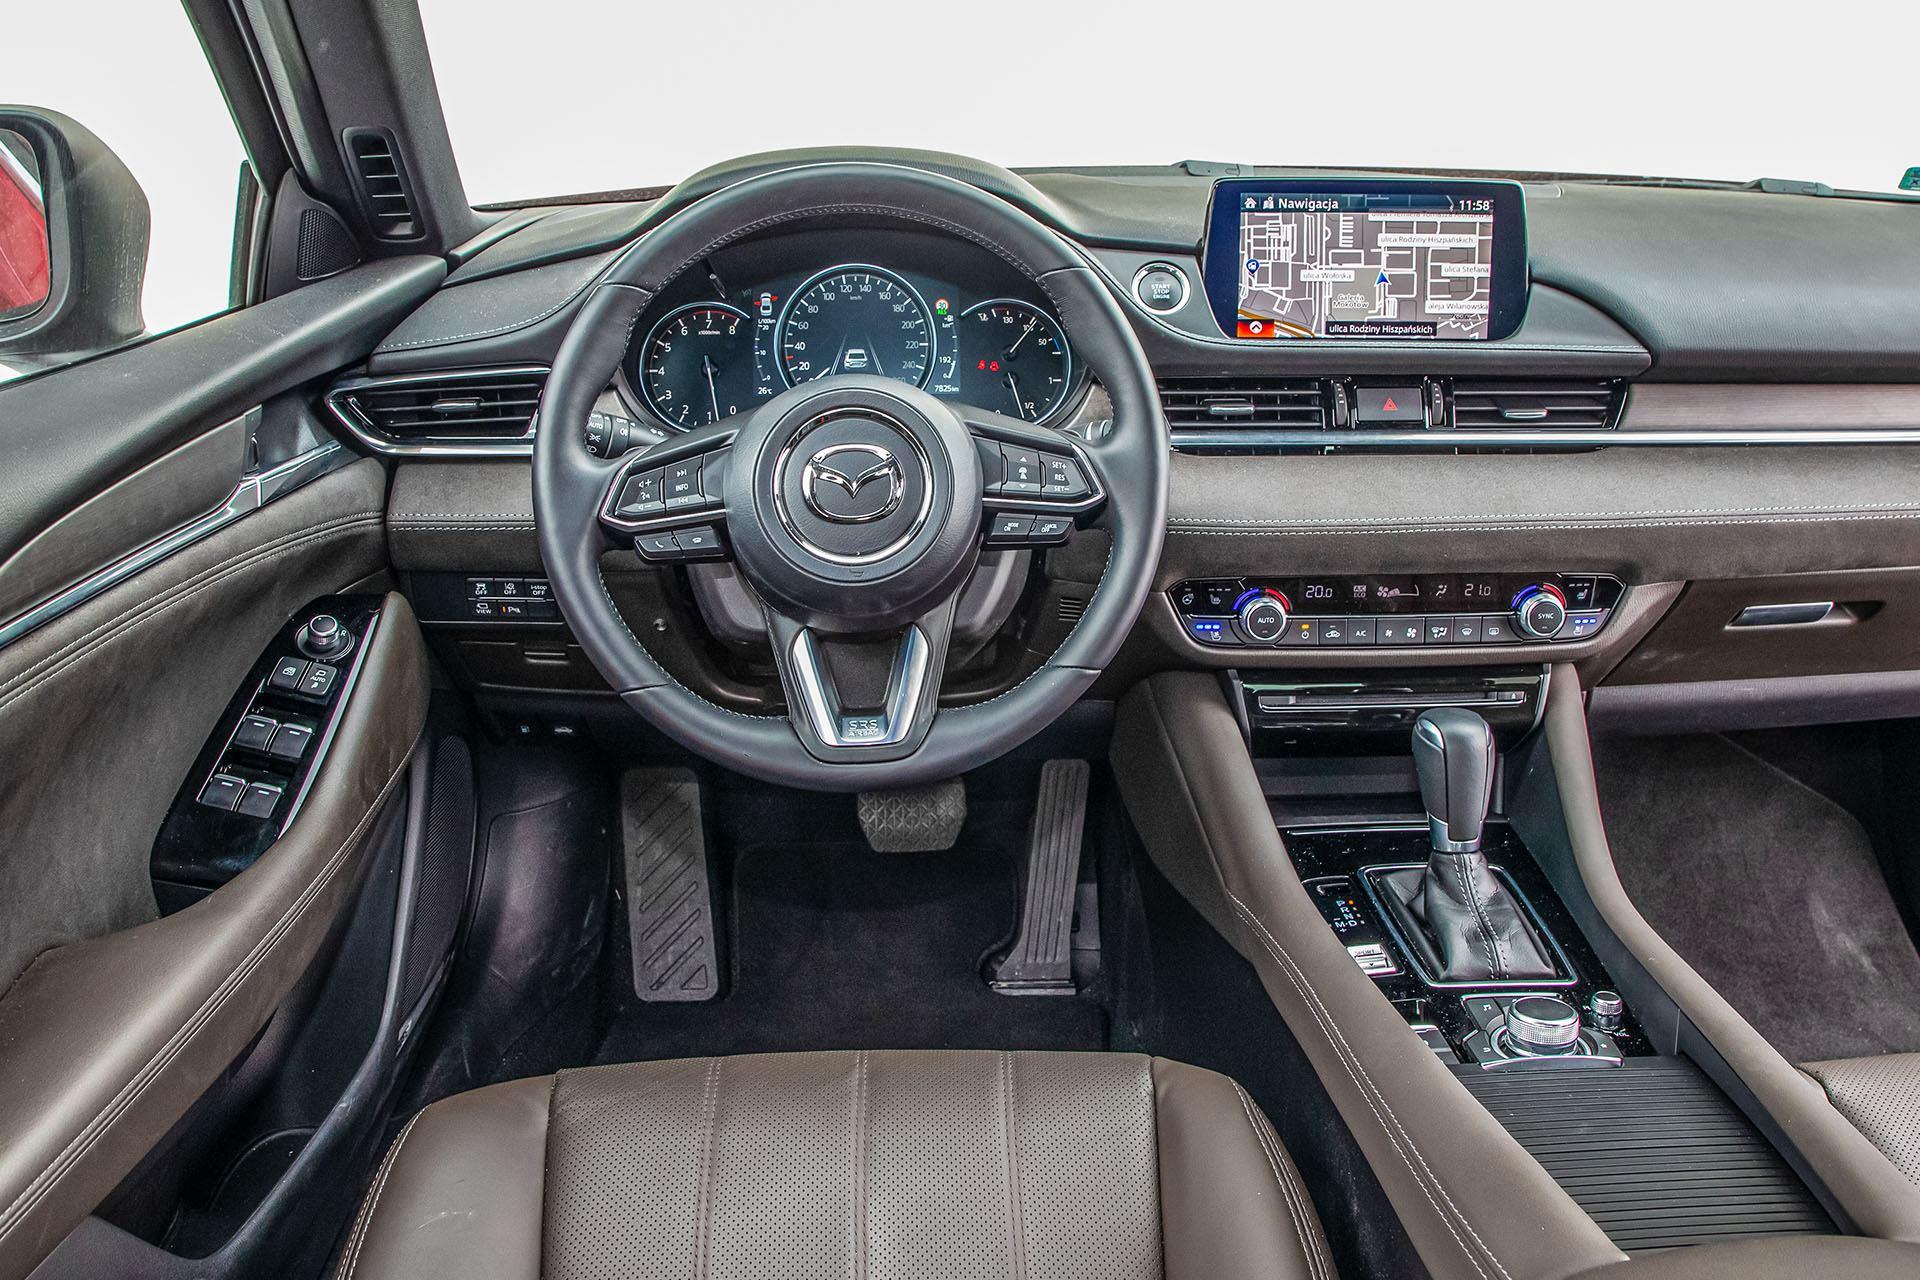 Mazda 6 2.5 Skyactiv-G test – deska rozdzielcza